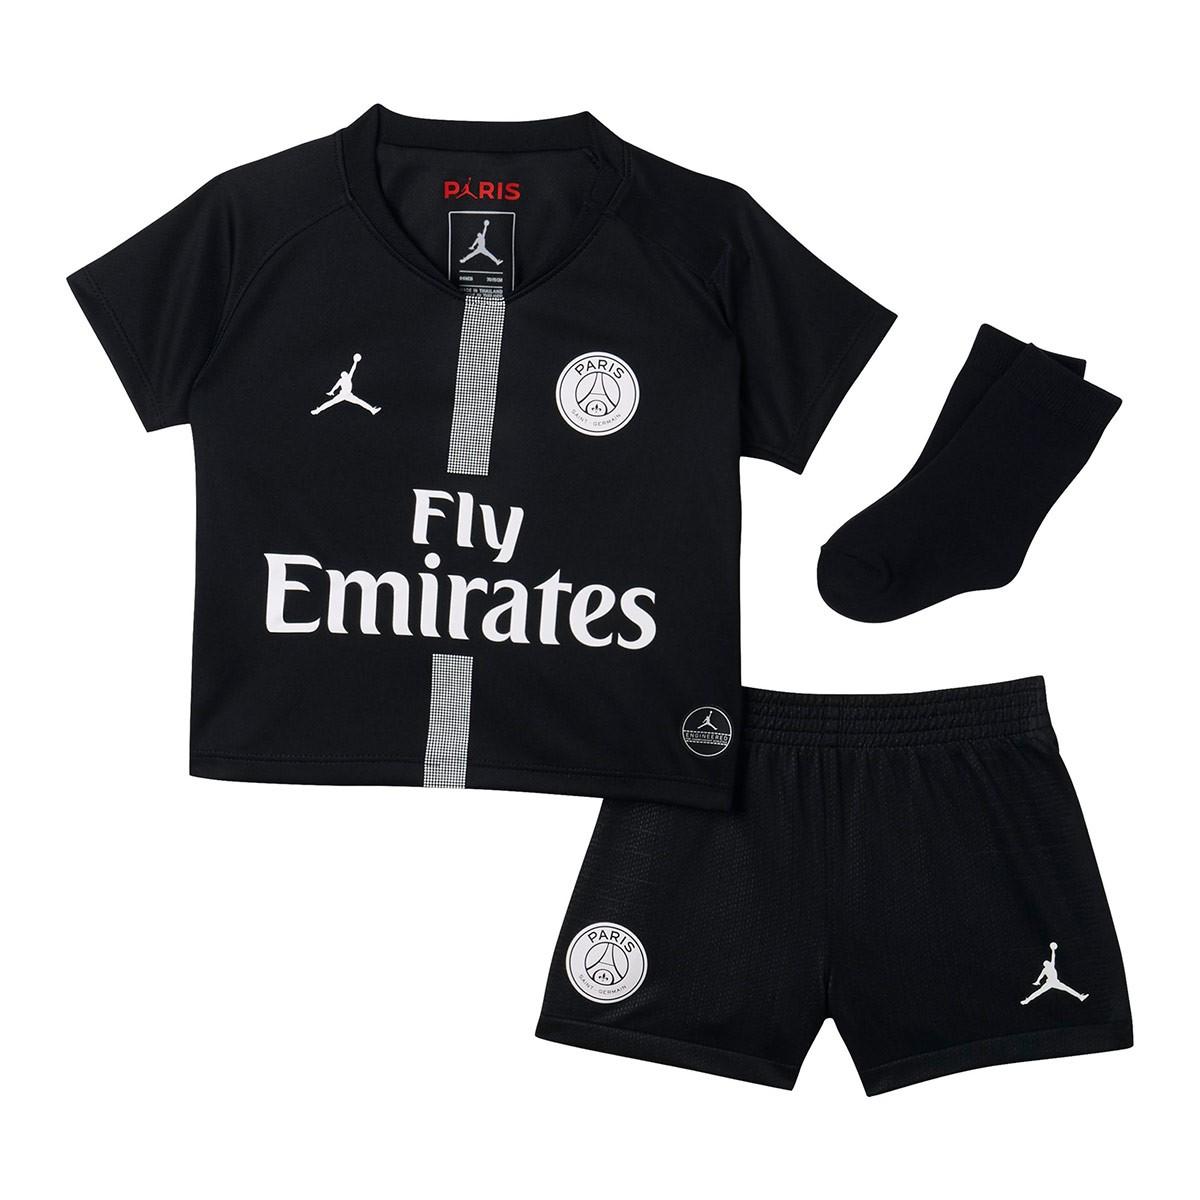 028400372d9f8 Kit Nike Kids Paris Saint-Germain 2018-2019 Third Black-White ...